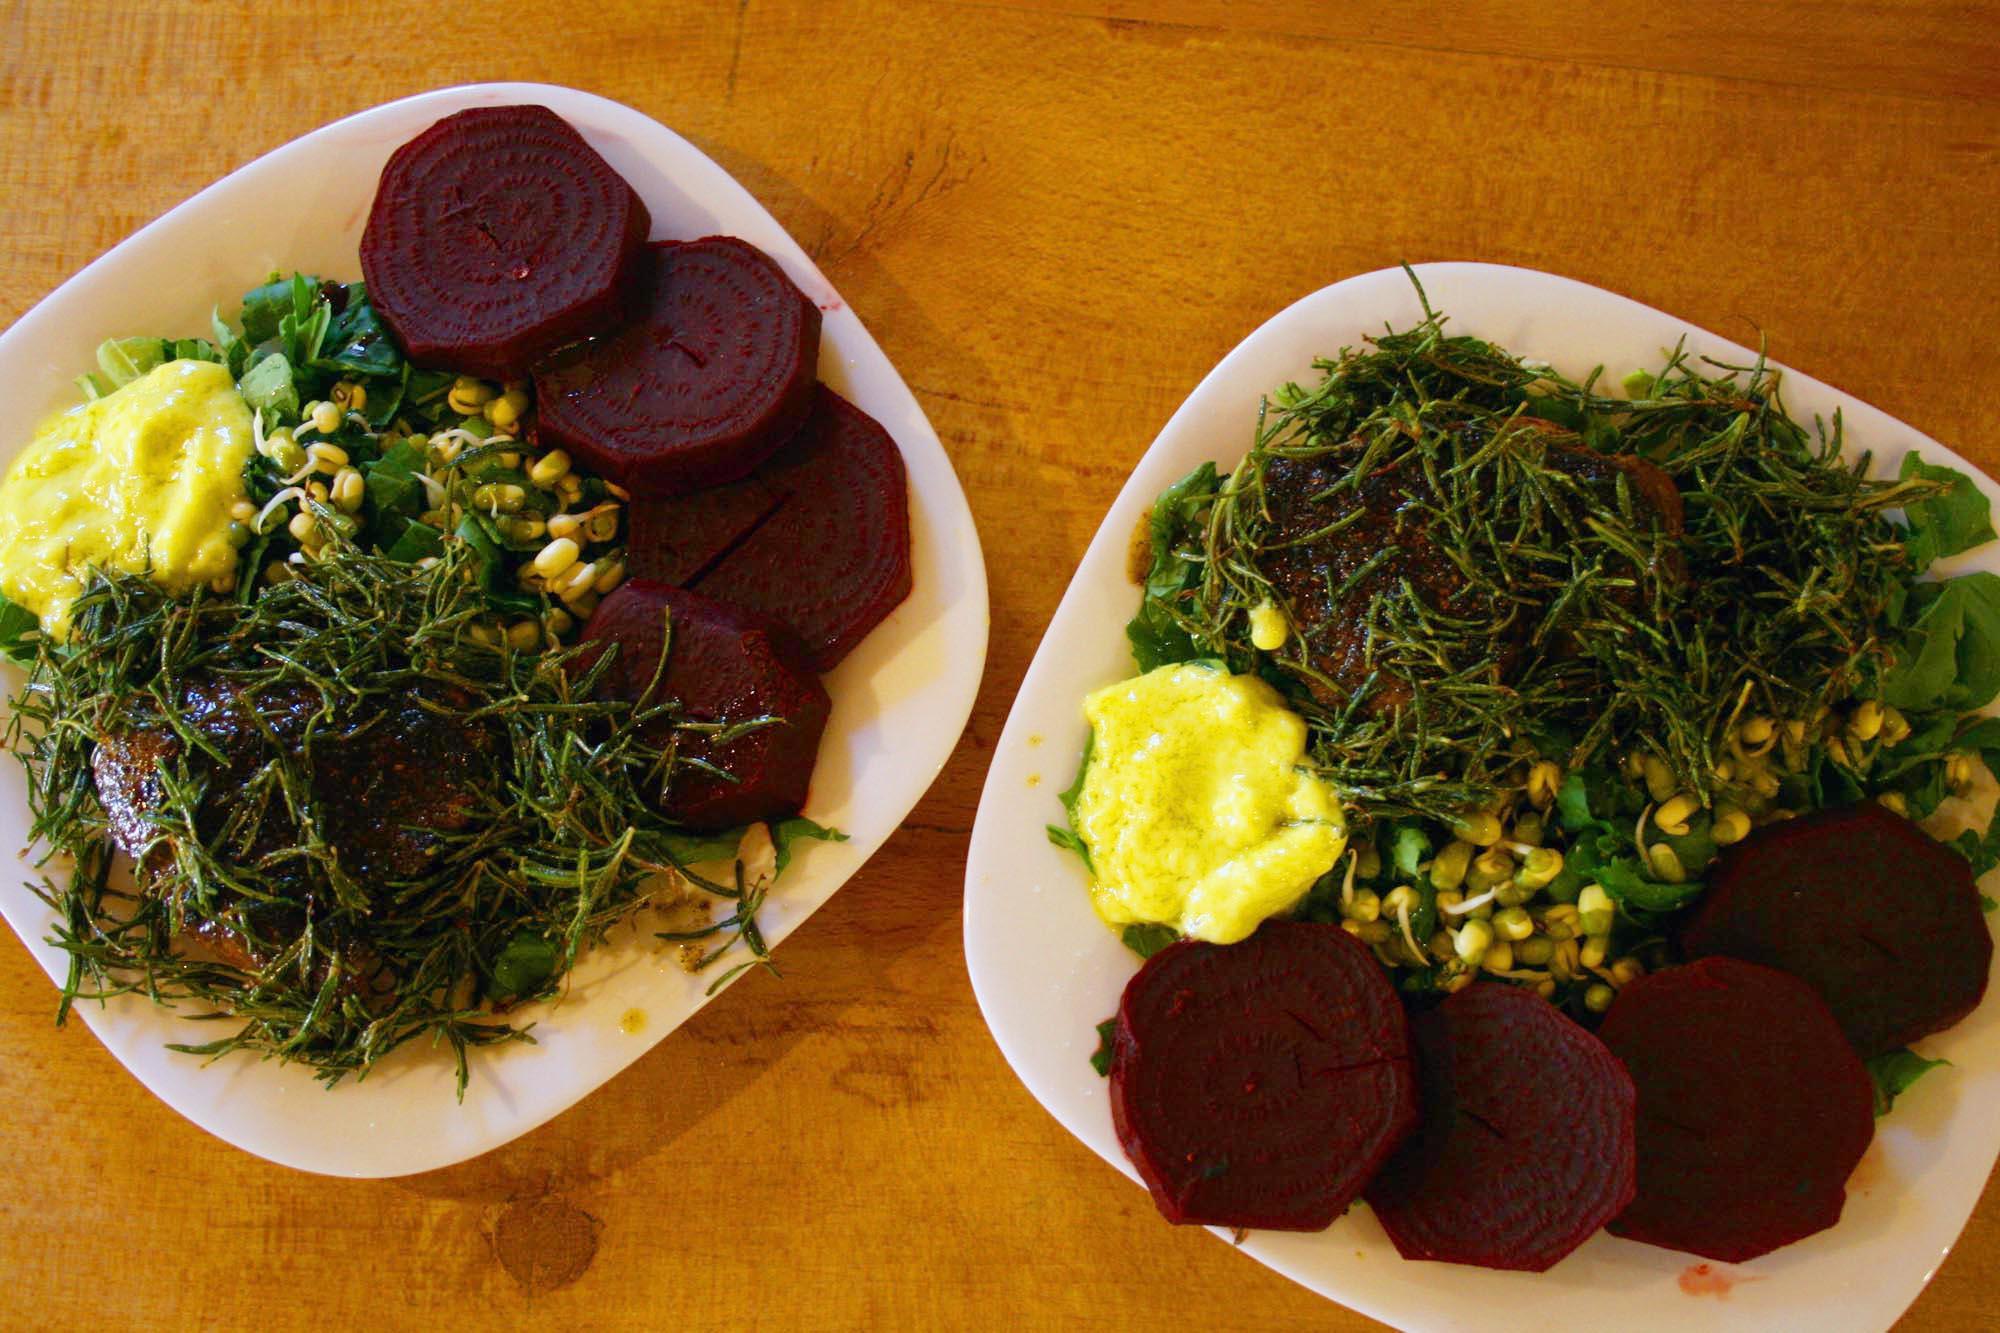 Organic steak and rosemary